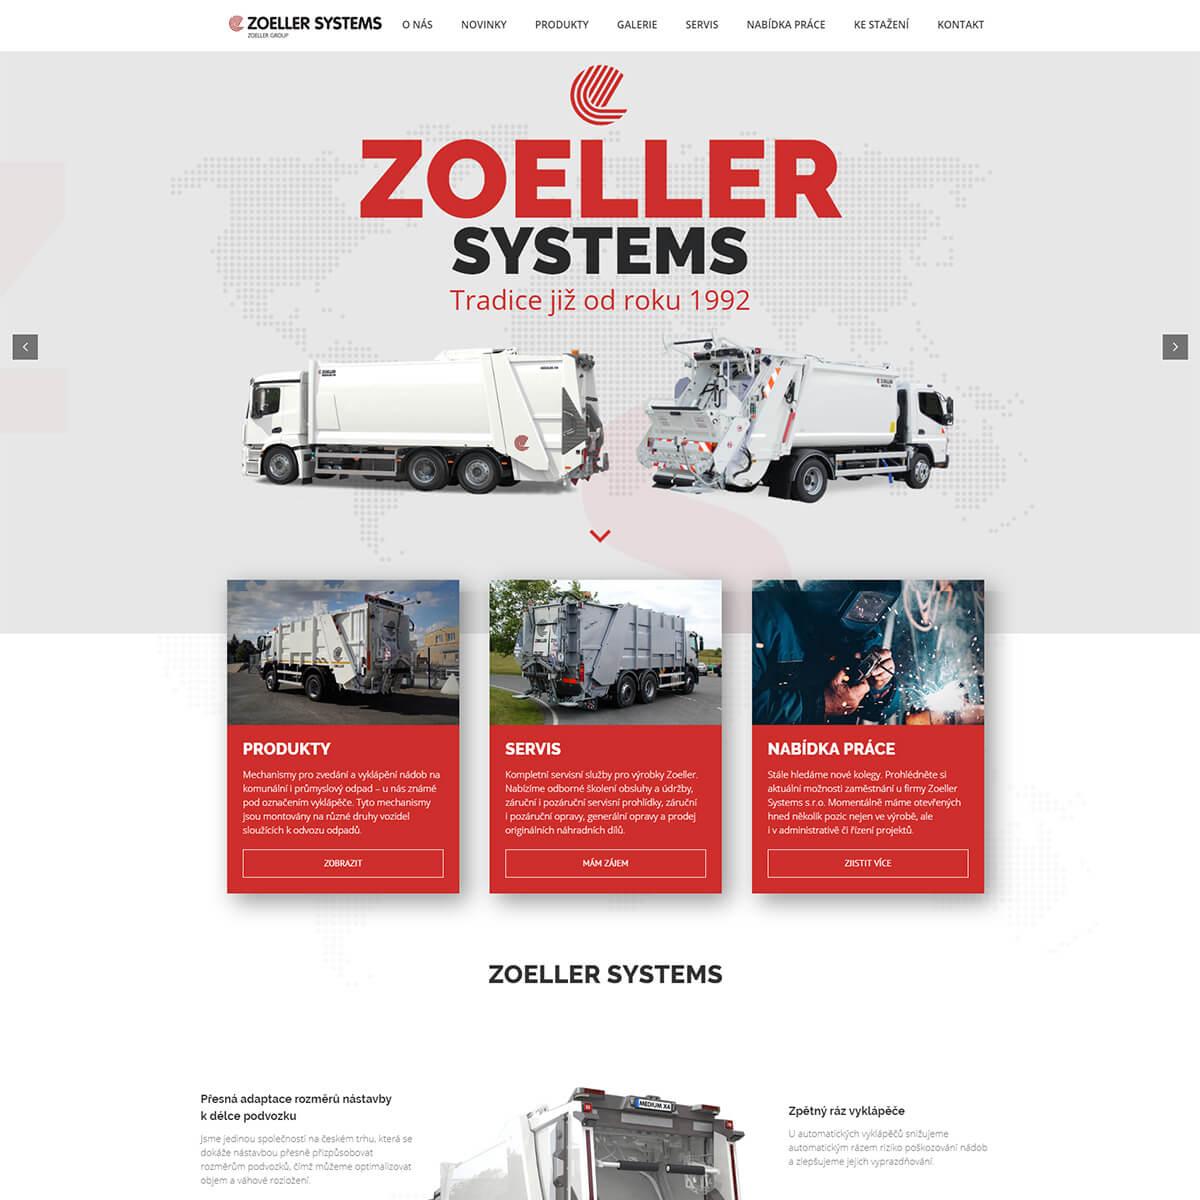 Náhledový obrázek stránky Zoeller